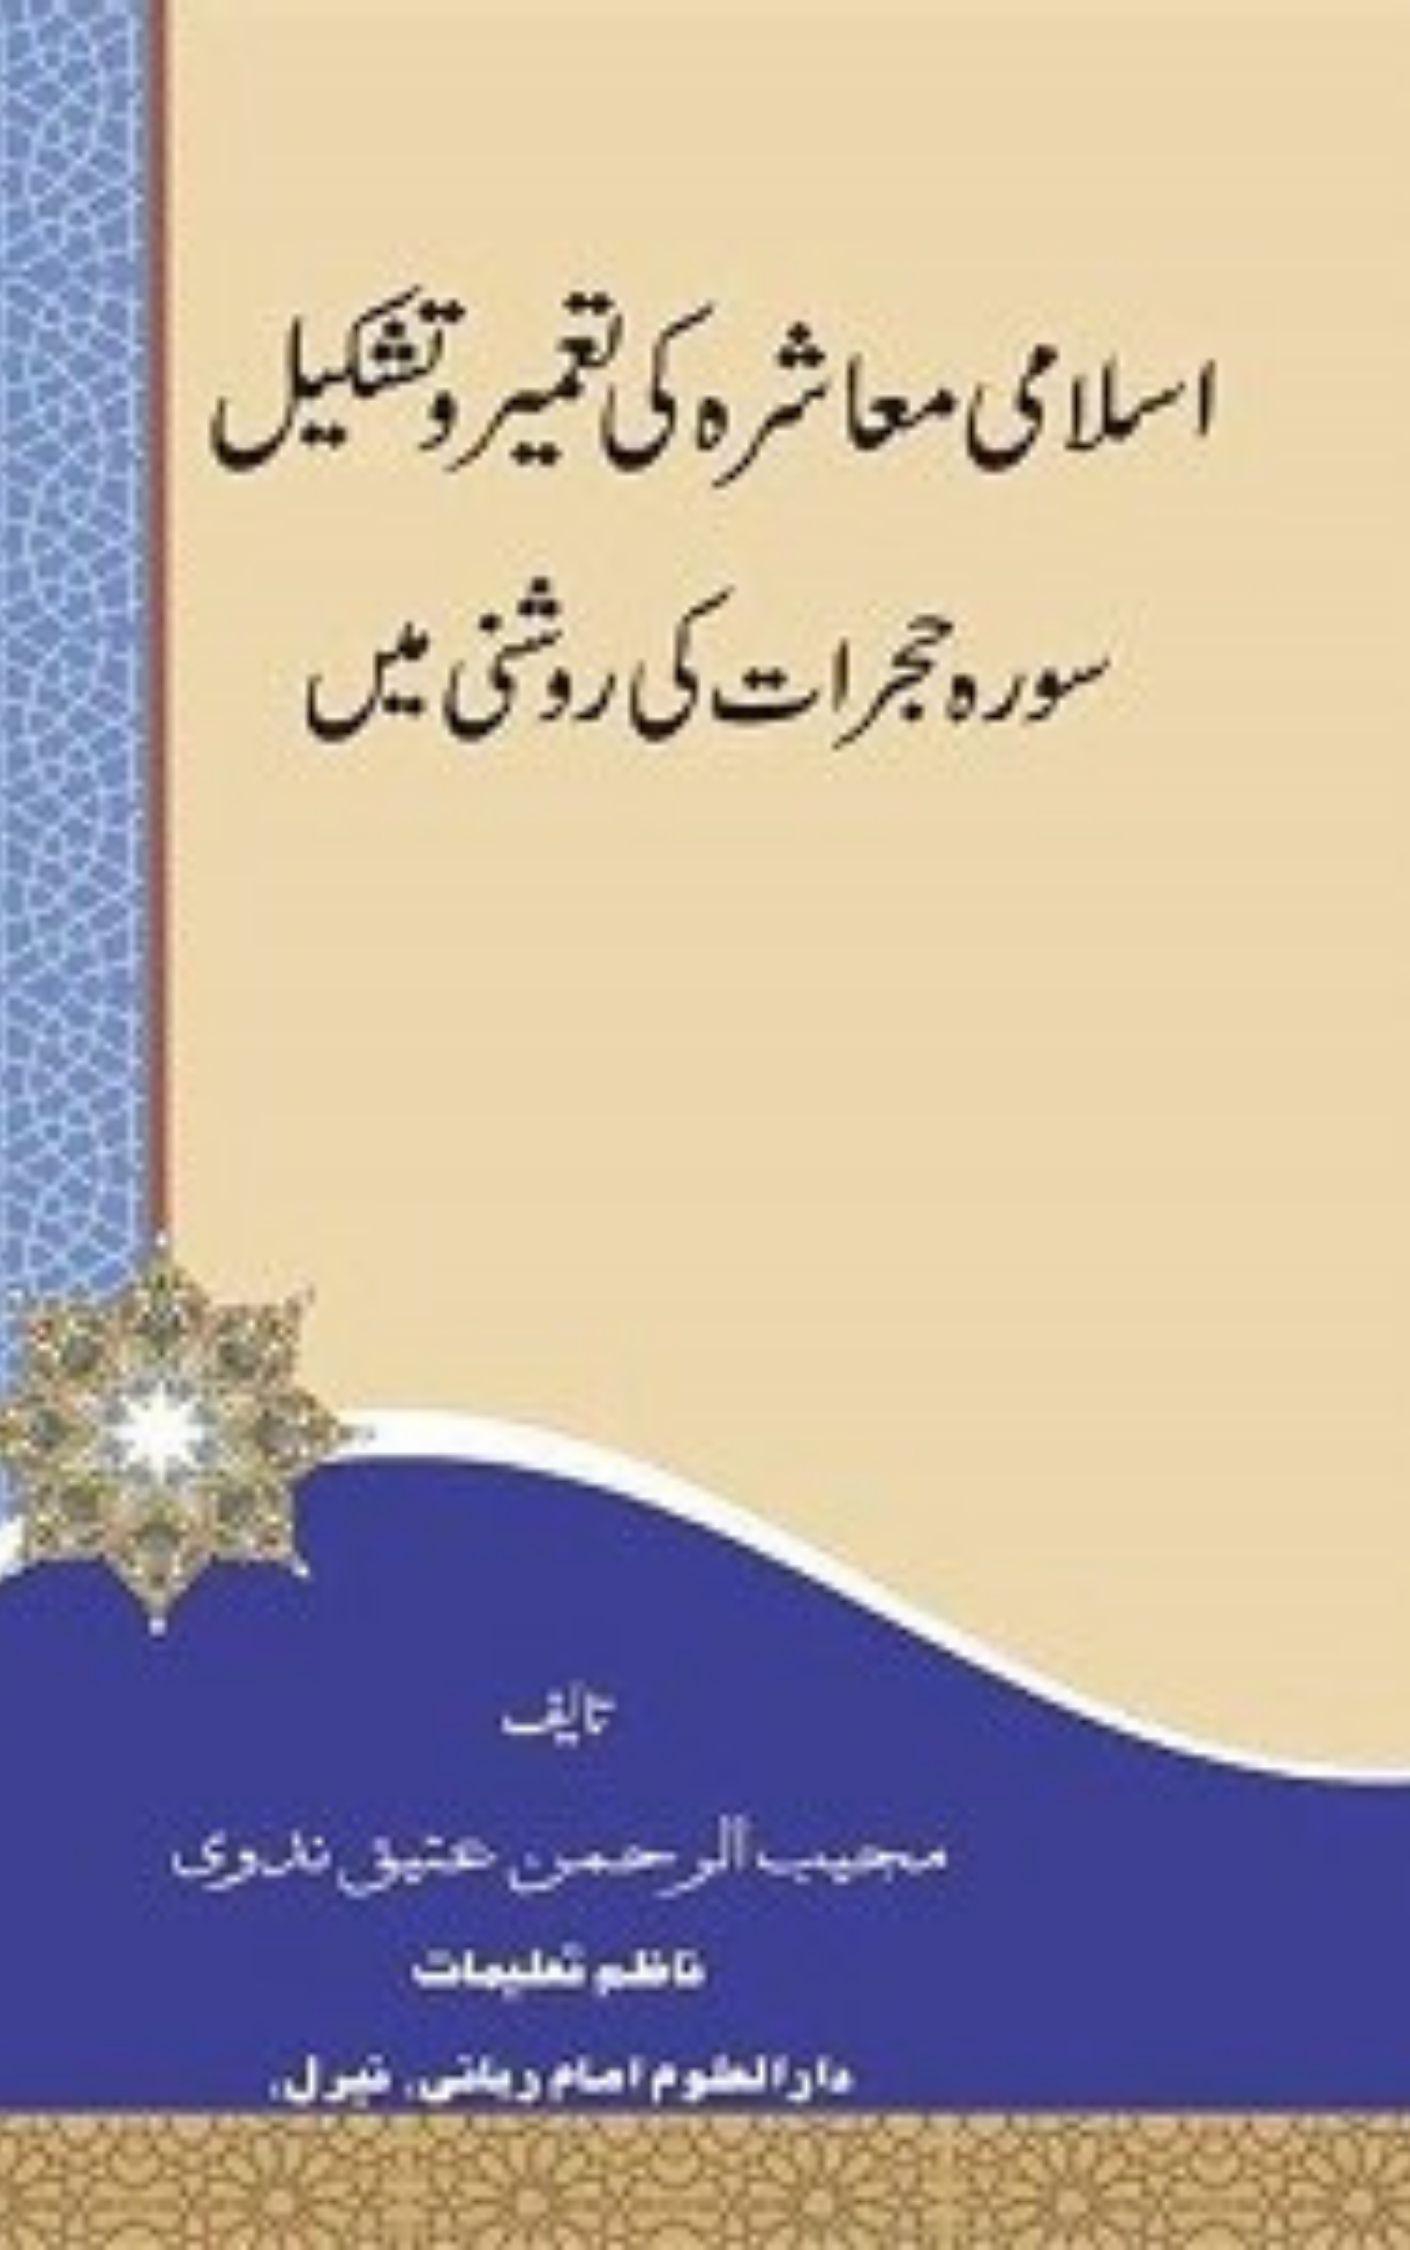 Islami Muashra ki Tameer o Tashkeel By Maulana Mujeeb Ur Rahman Ateeq Nadvi